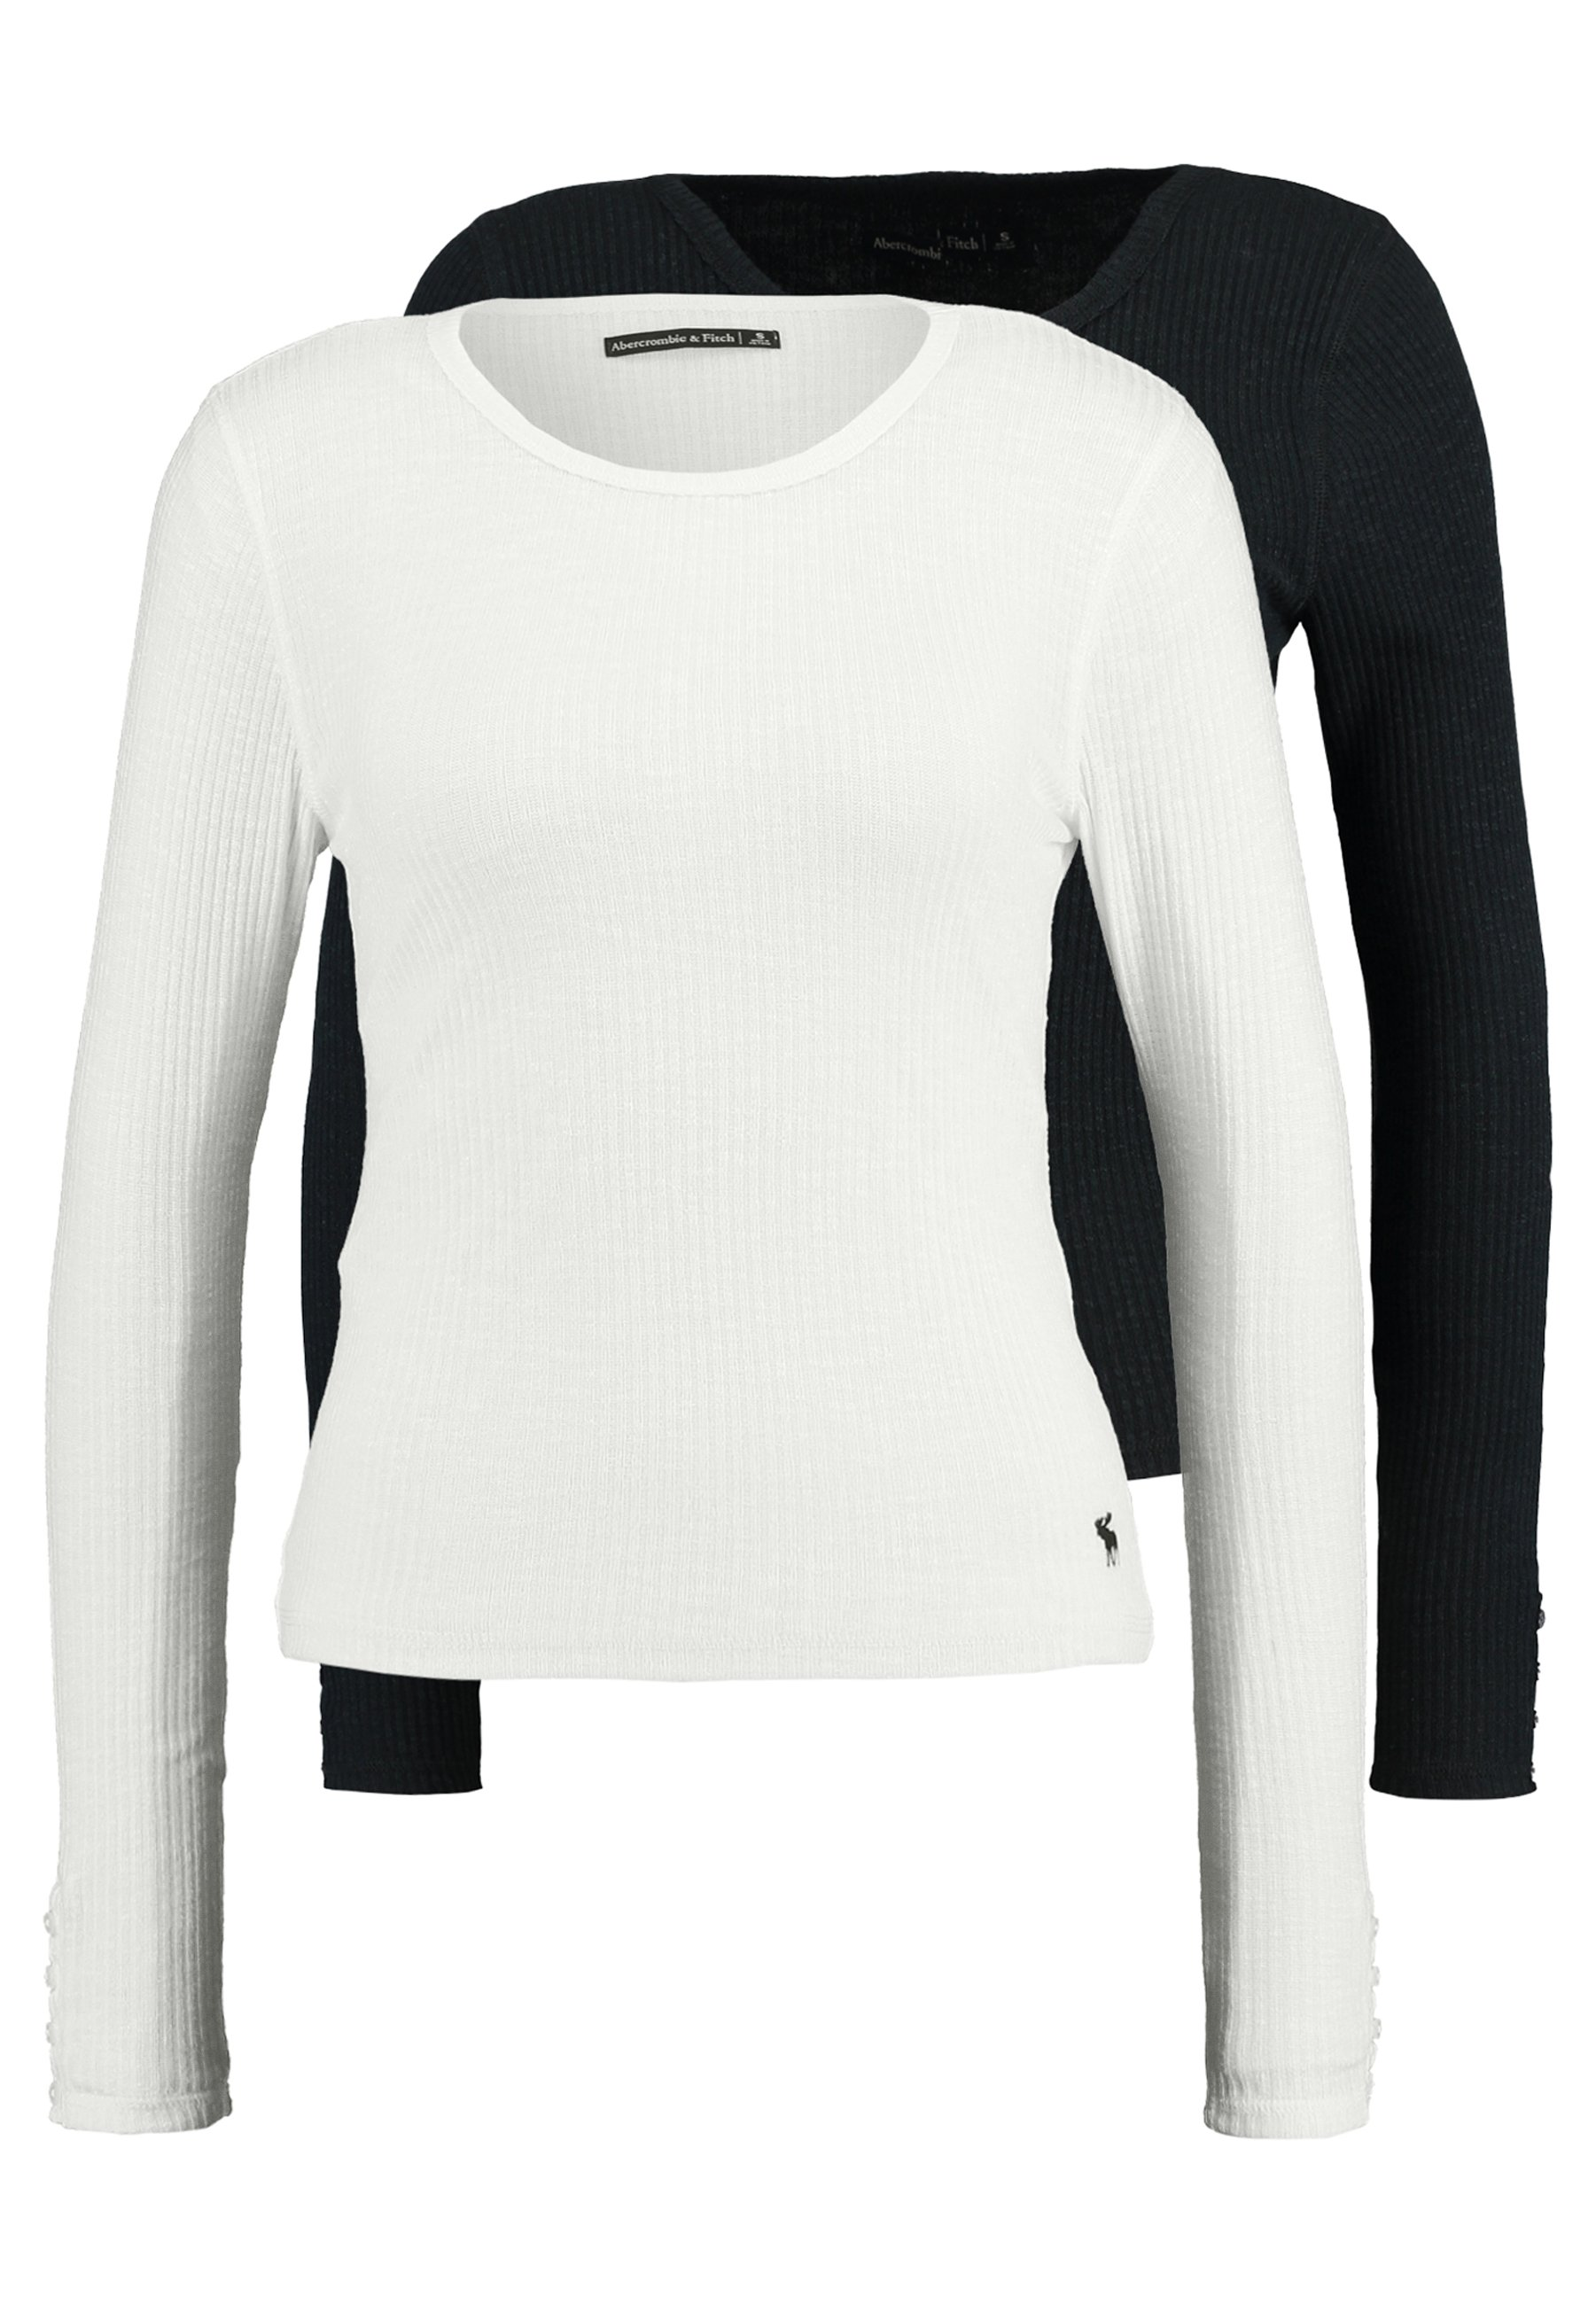 Abercrombie & Fitch SLIM MULTI 2 PACK - Bluzka z długim rękawem - black/white